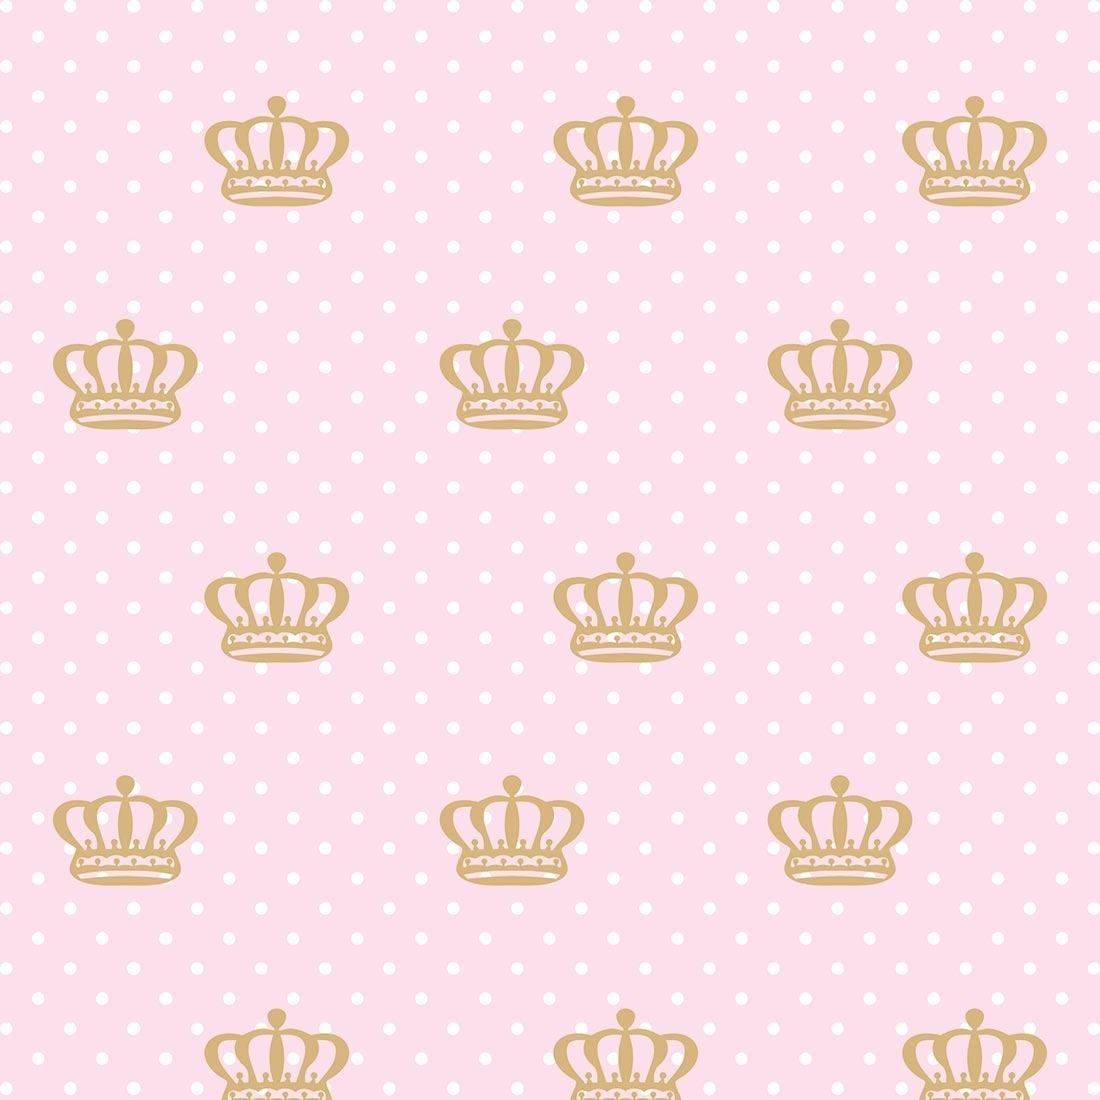 Papel De Parede Quarto Bebe Menina Coroa Dourada Fundo Rosa R 56